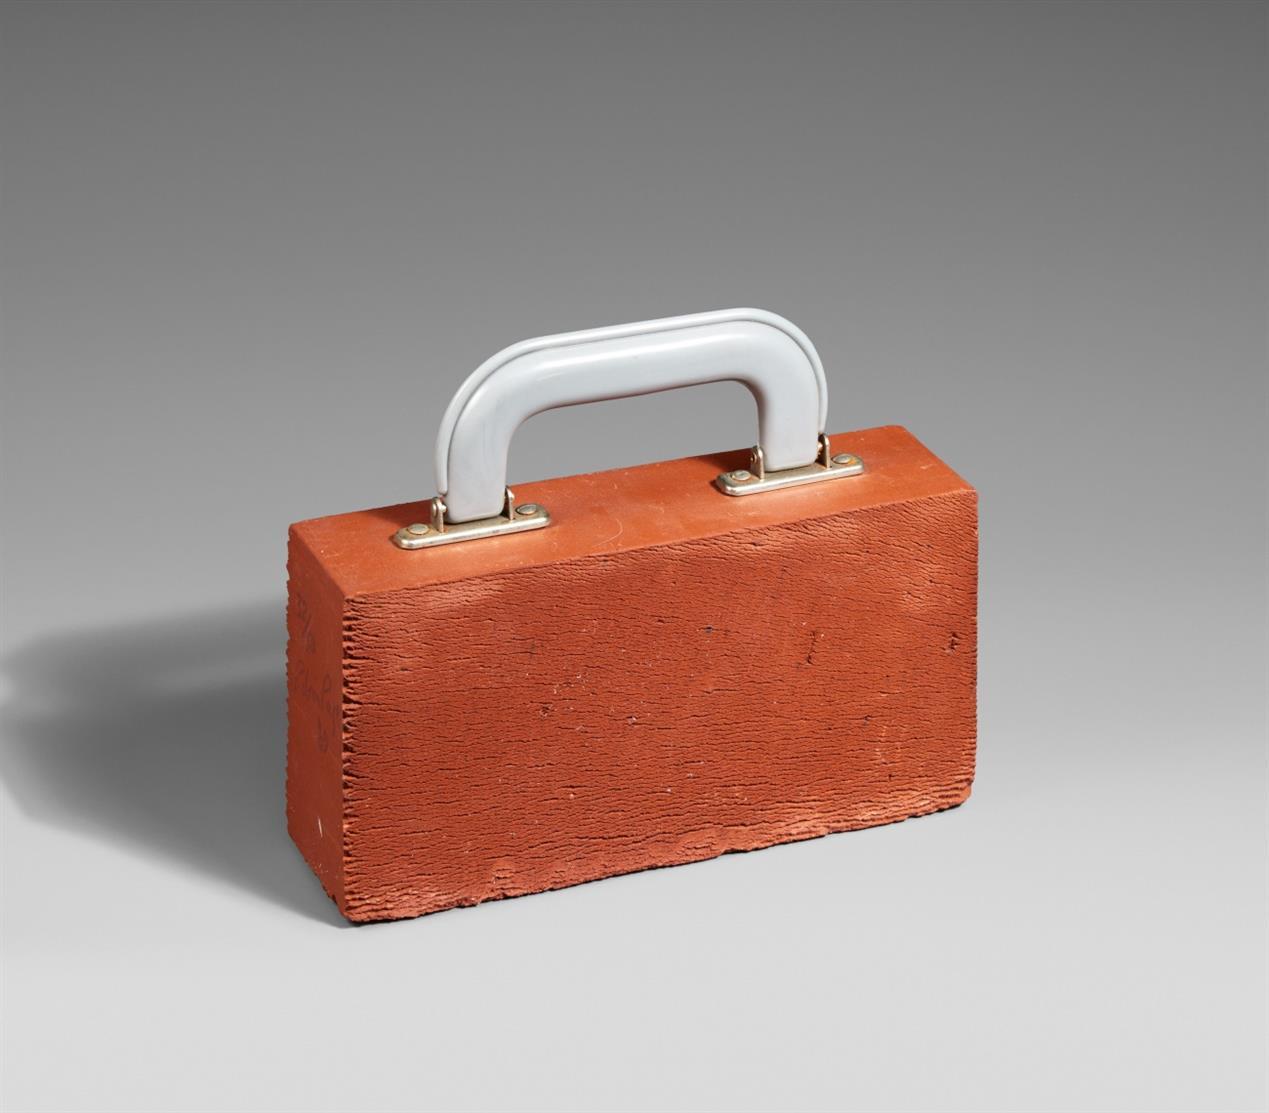 Robin Page. Portable (Köfferchen). 1969. Multiple, brauner Ziegelstein mit Koffergriff. Signiert. Ex. 32/50.